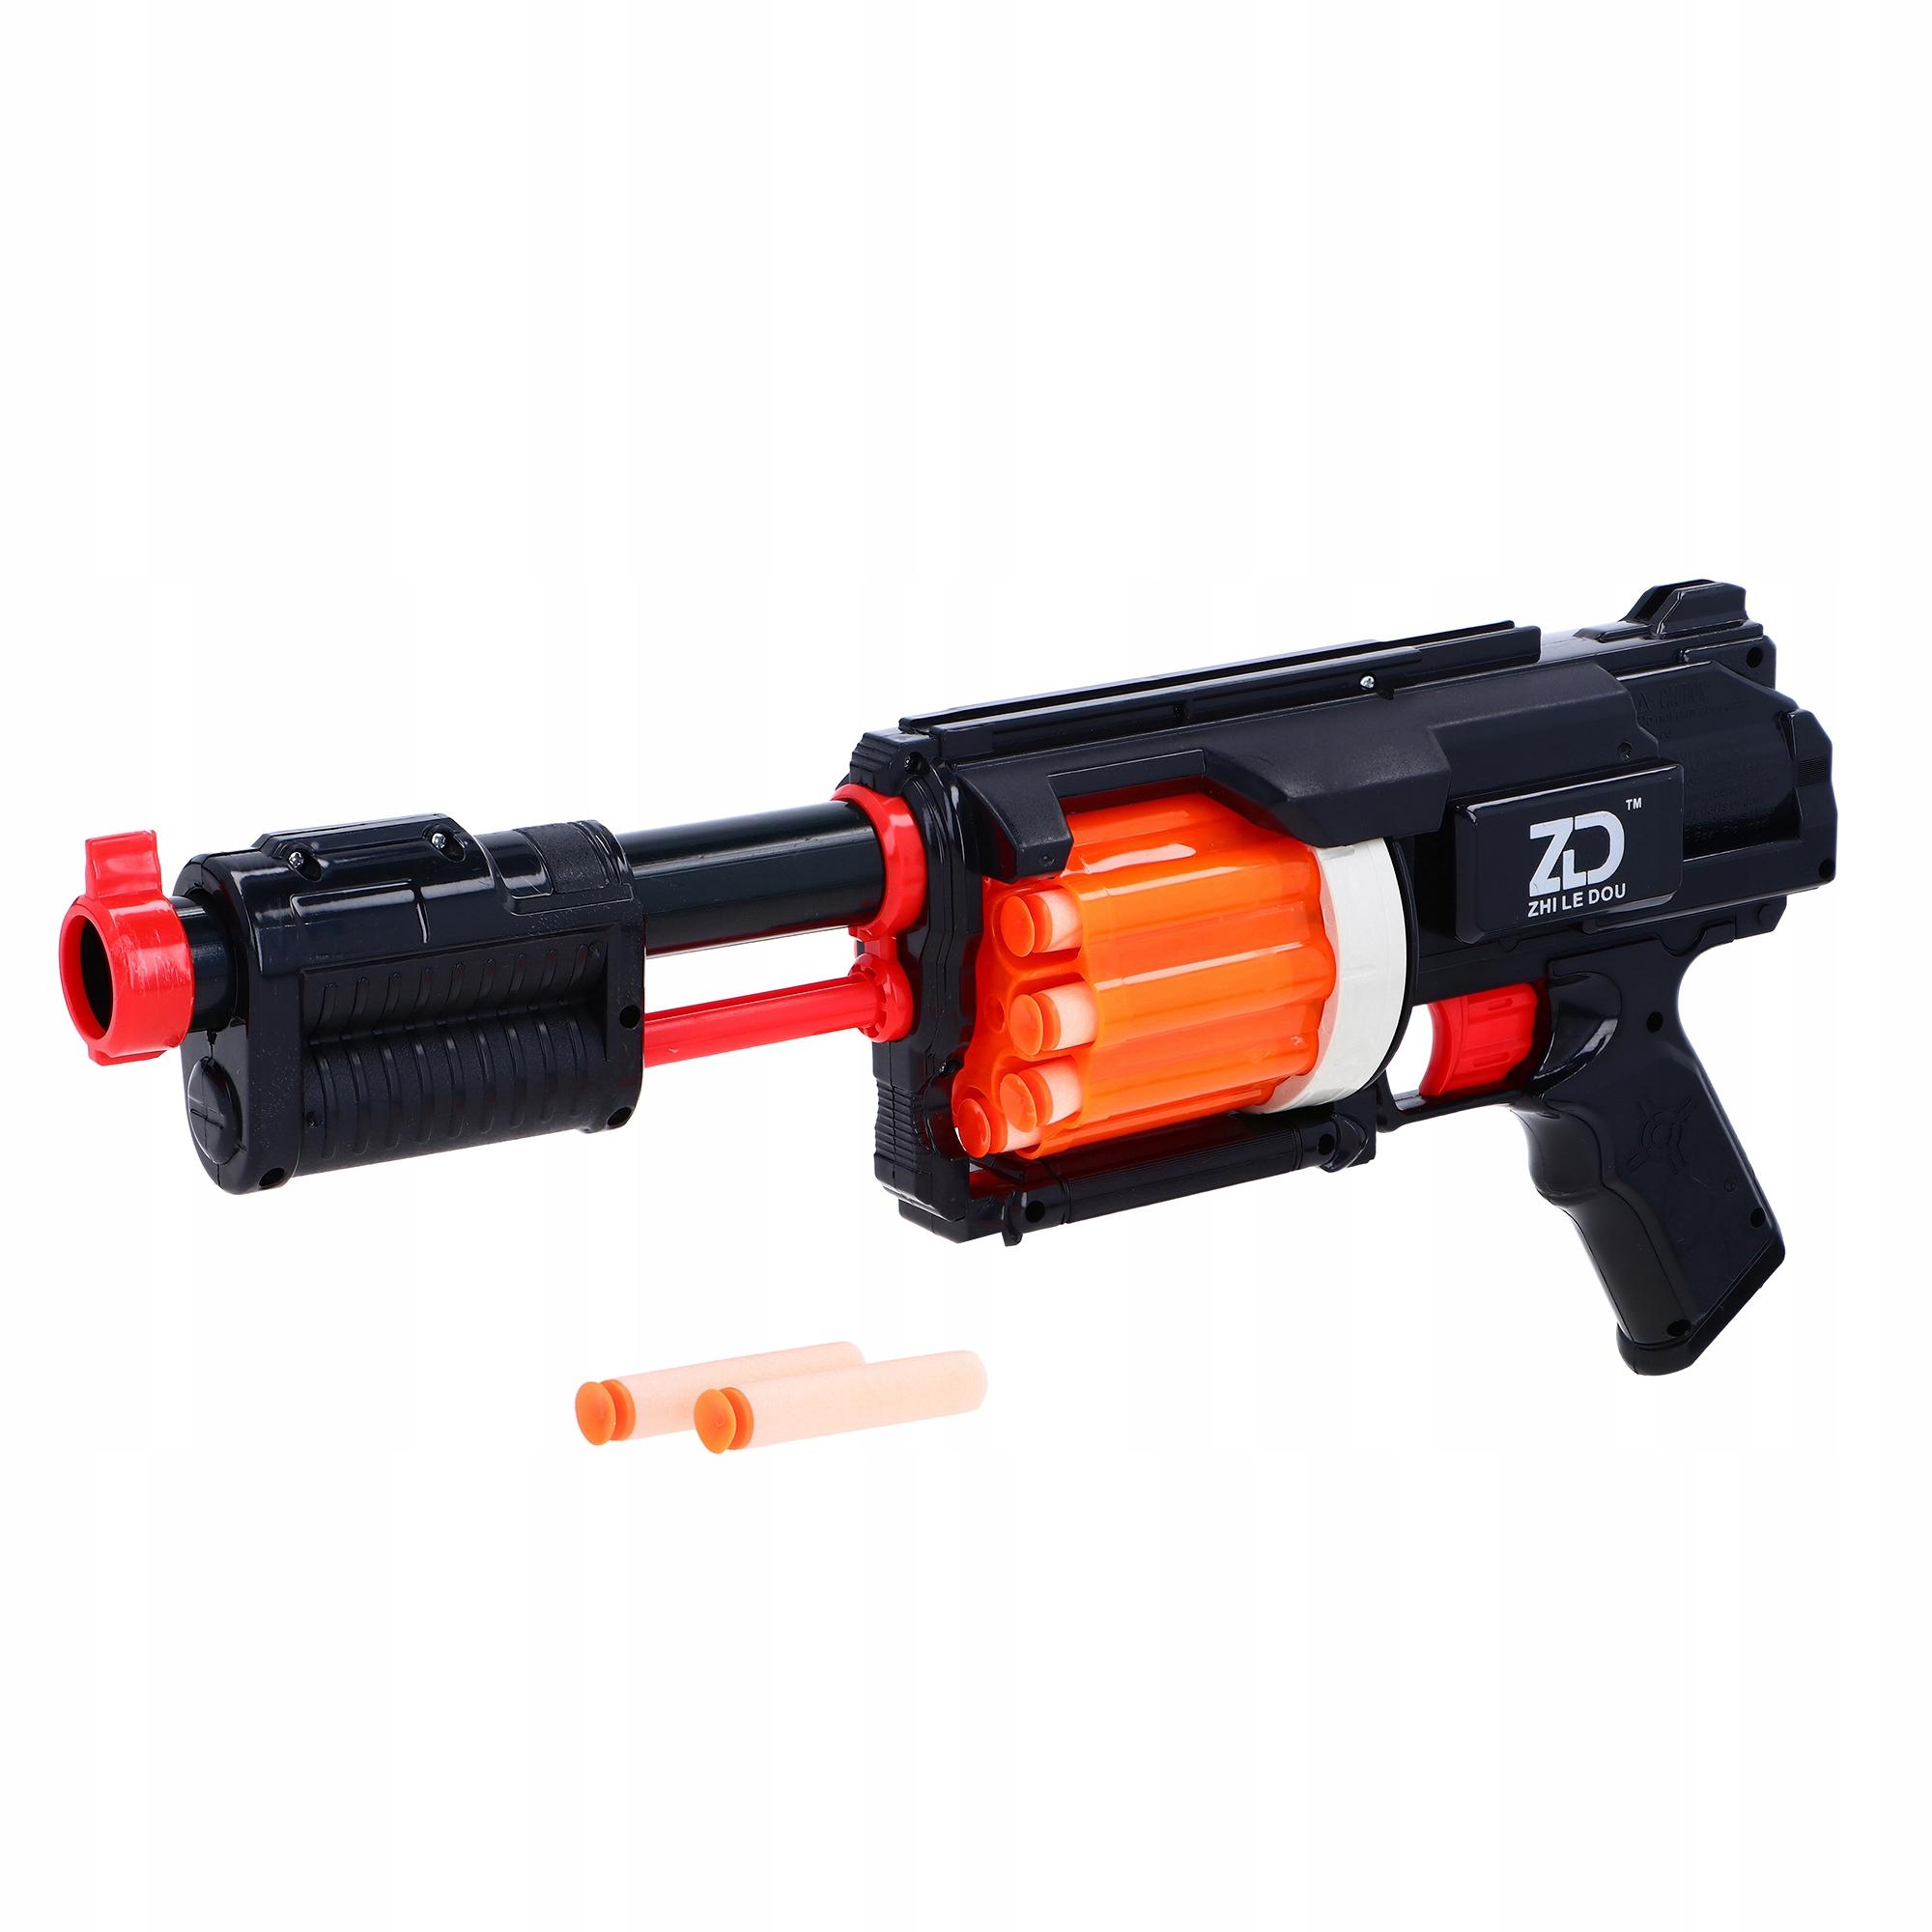 VEĽKÁ Pušková pištoľ